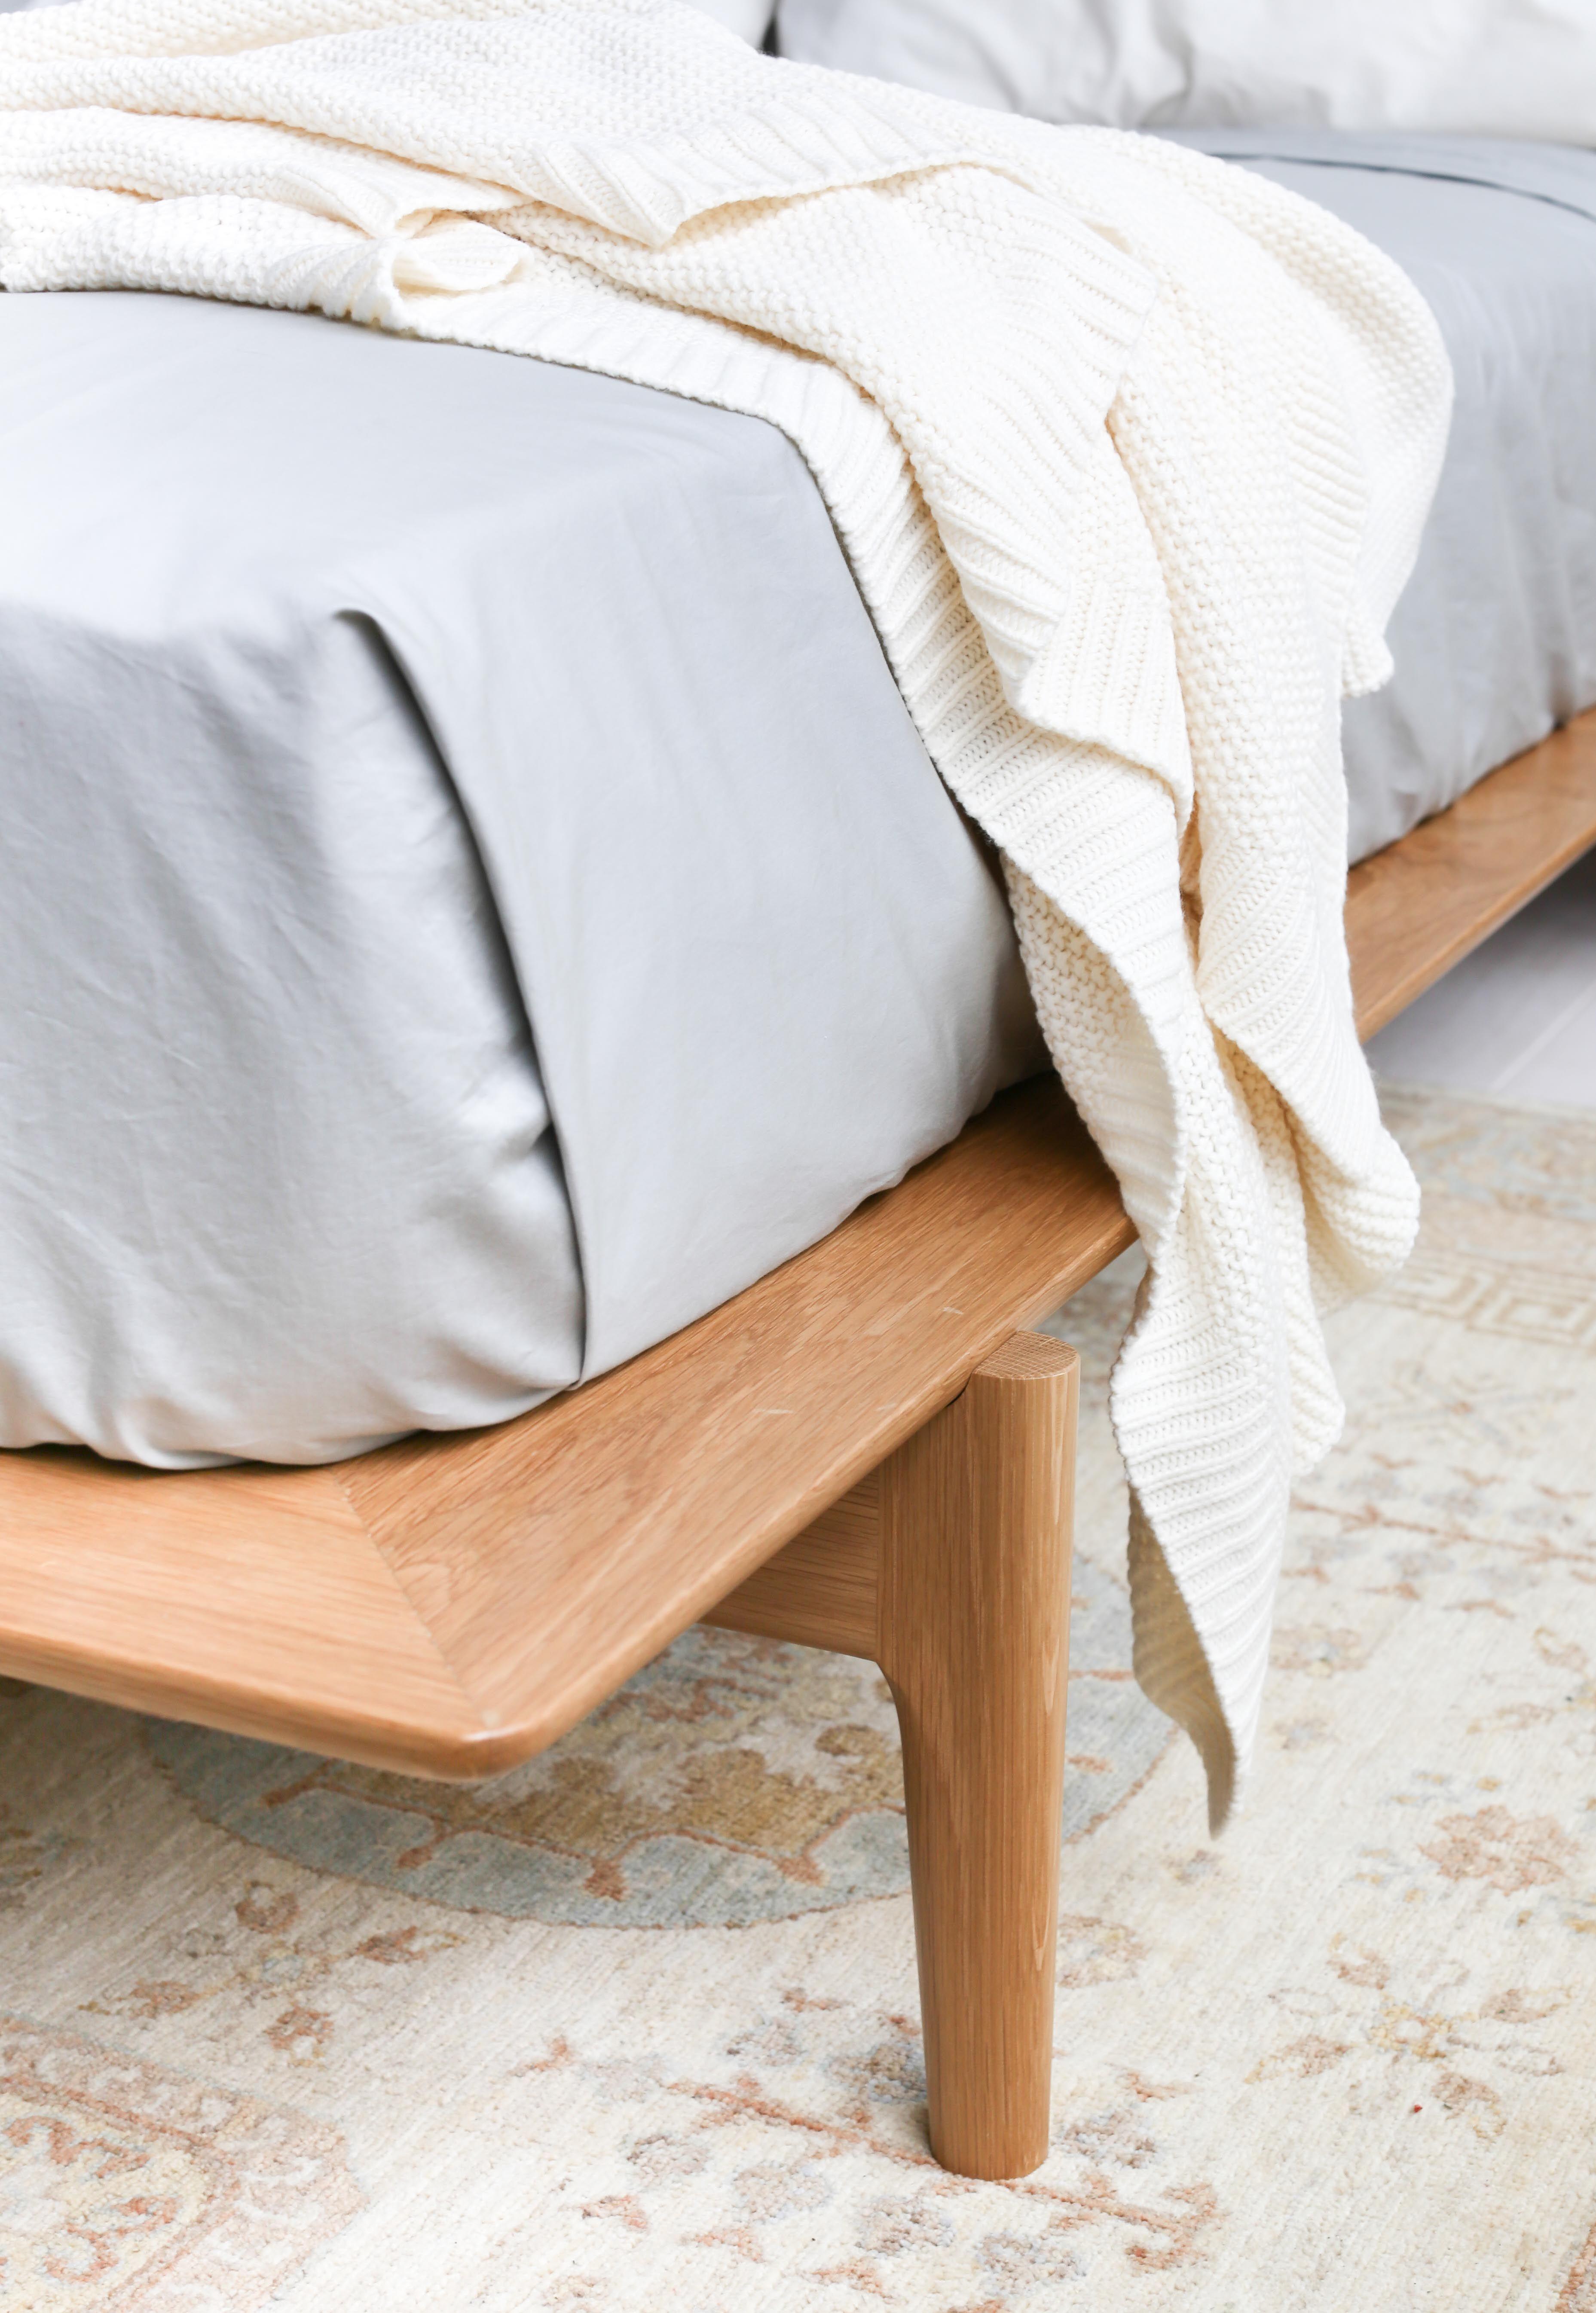 Platform Bed Wood platform bed frame, Platform bed frame